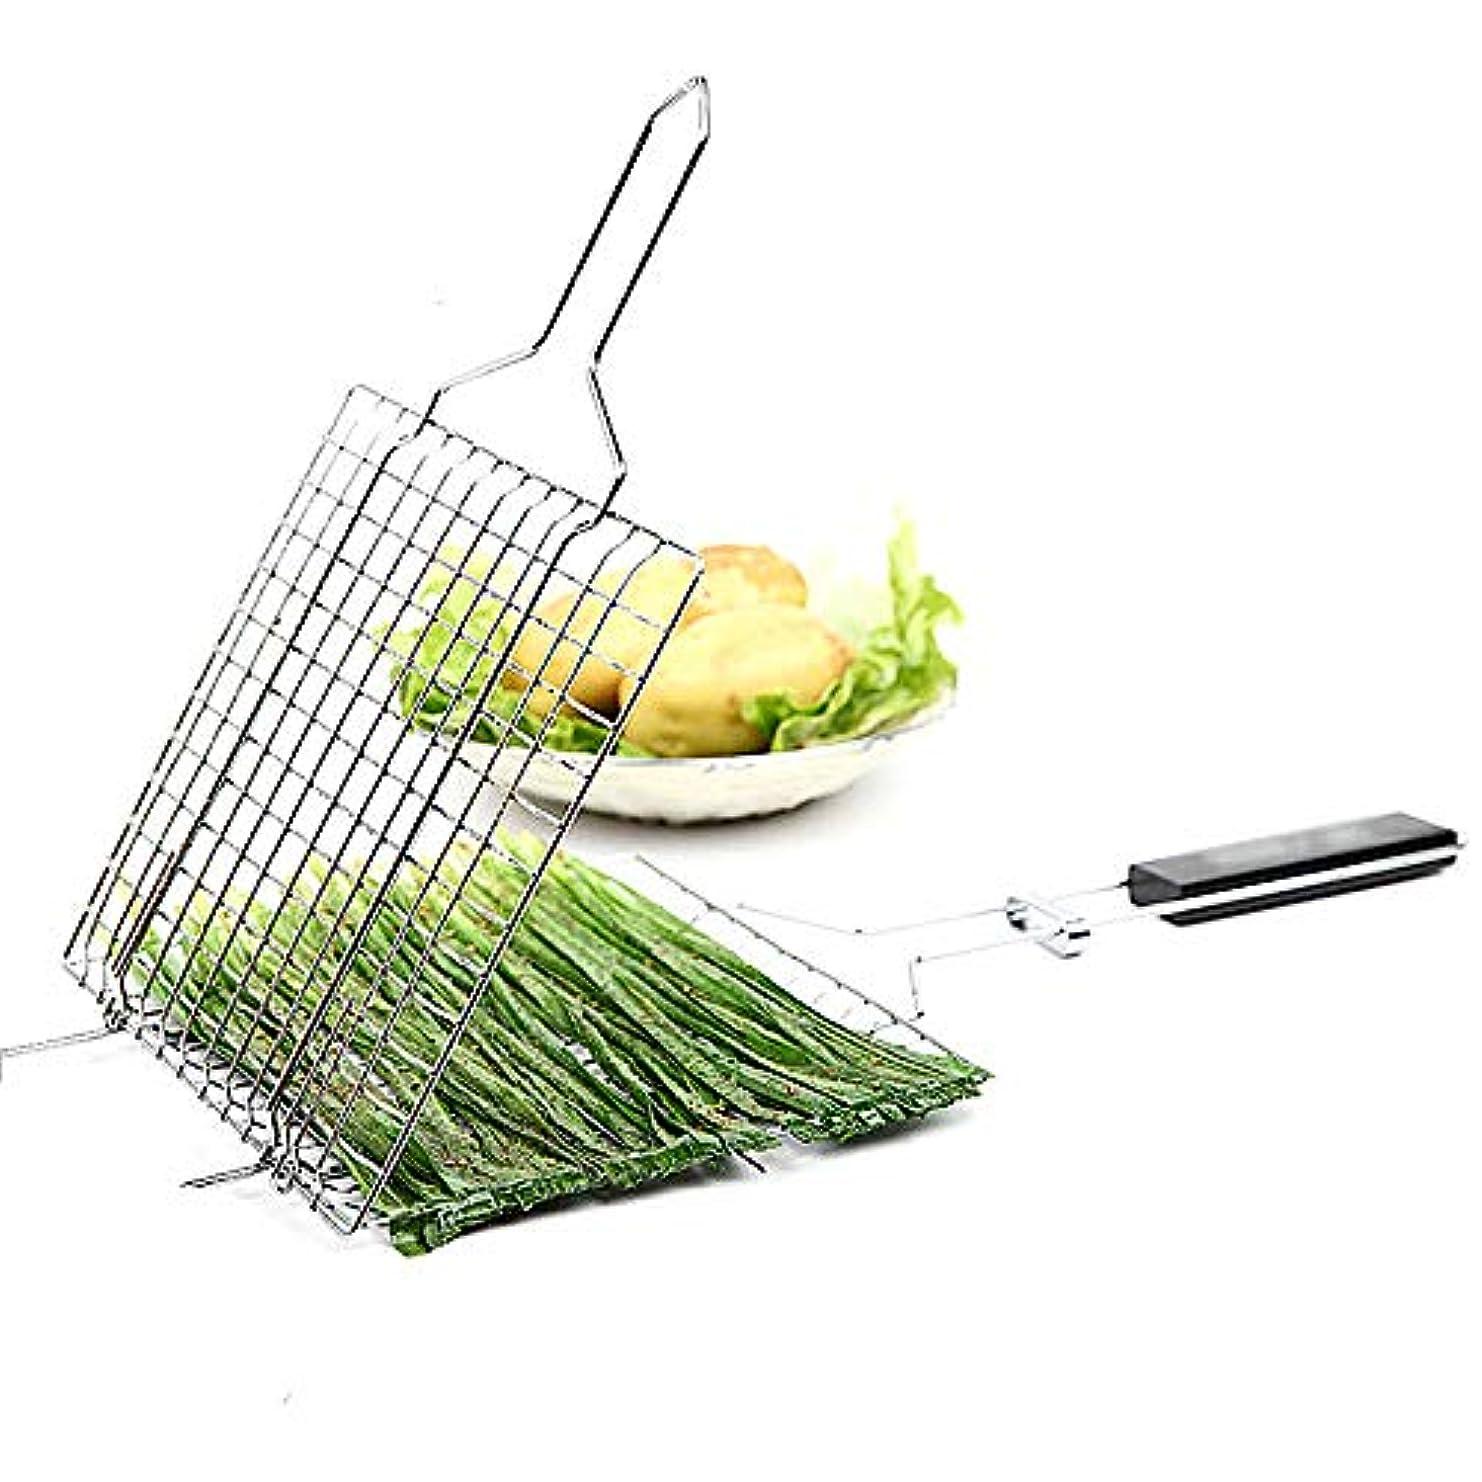 必要とするメガロポリス予見するポータブルバーベキューネット、バーベキューグリルバスケットステンレス鋼非スティックグリルバスケット魚野菜ステーキグリルマット